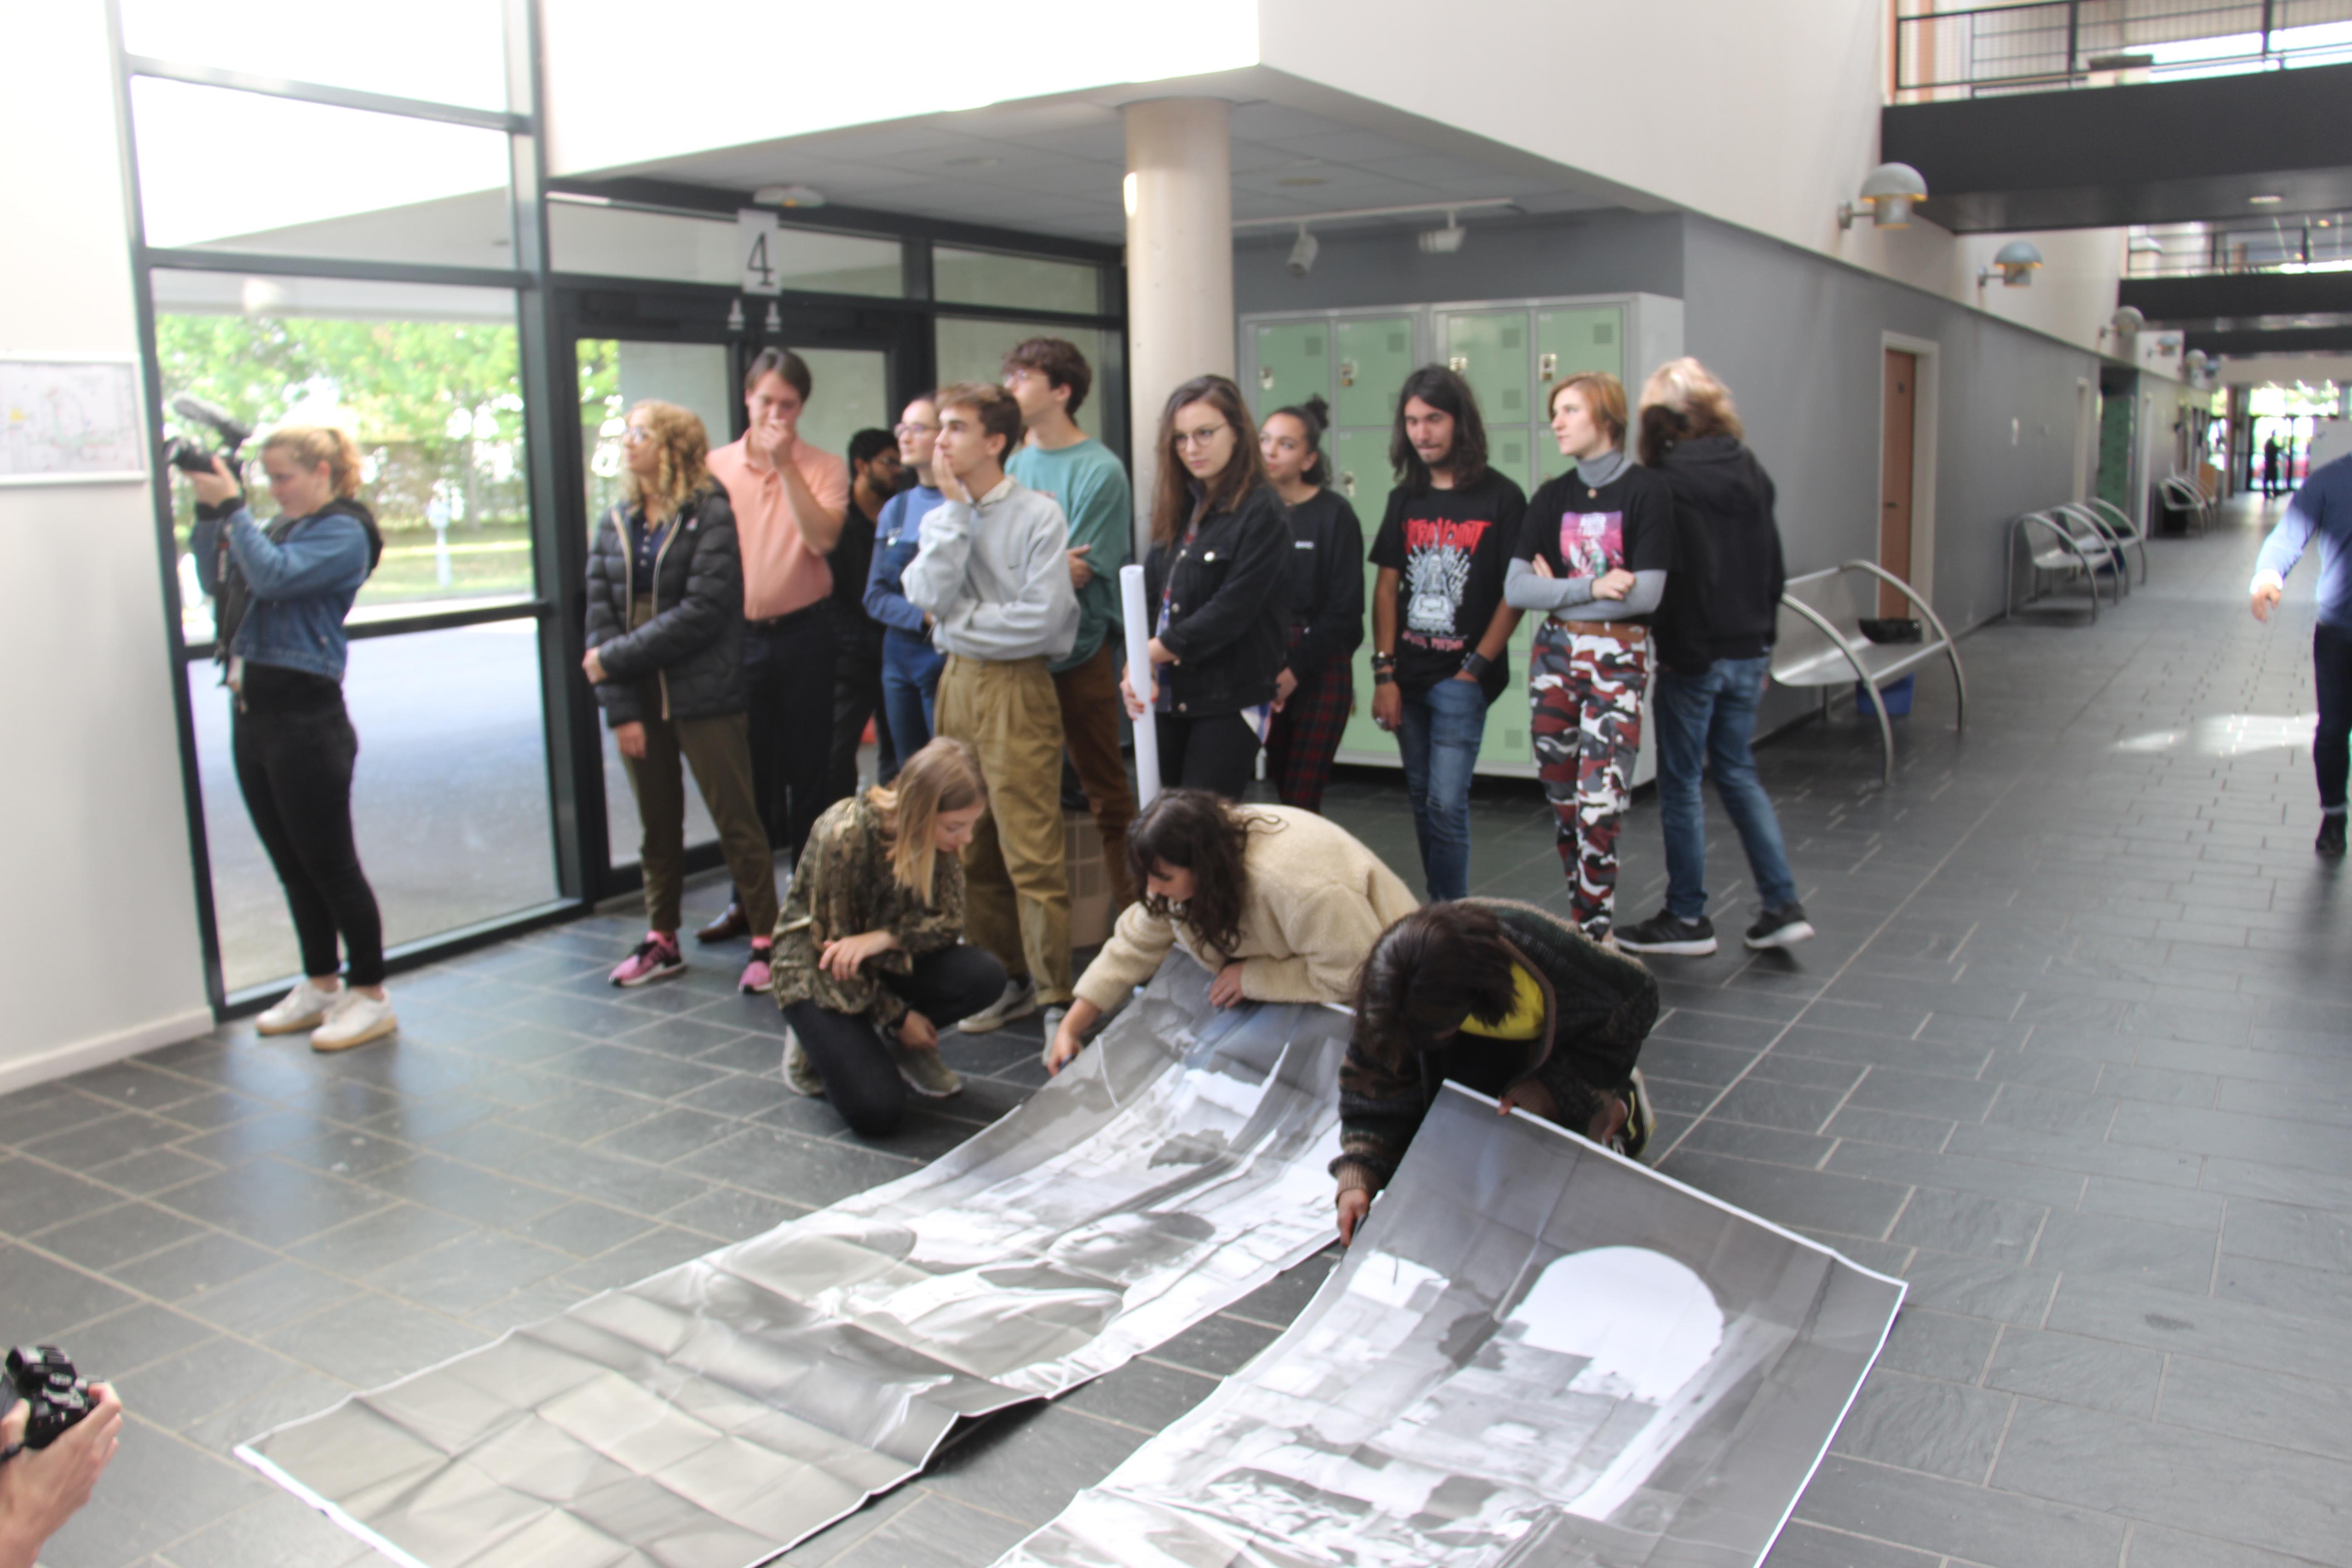 Rencontre avec Dysturb : les TL en plein travail Crédits photographiques: Deborah Dubost-Sakhi